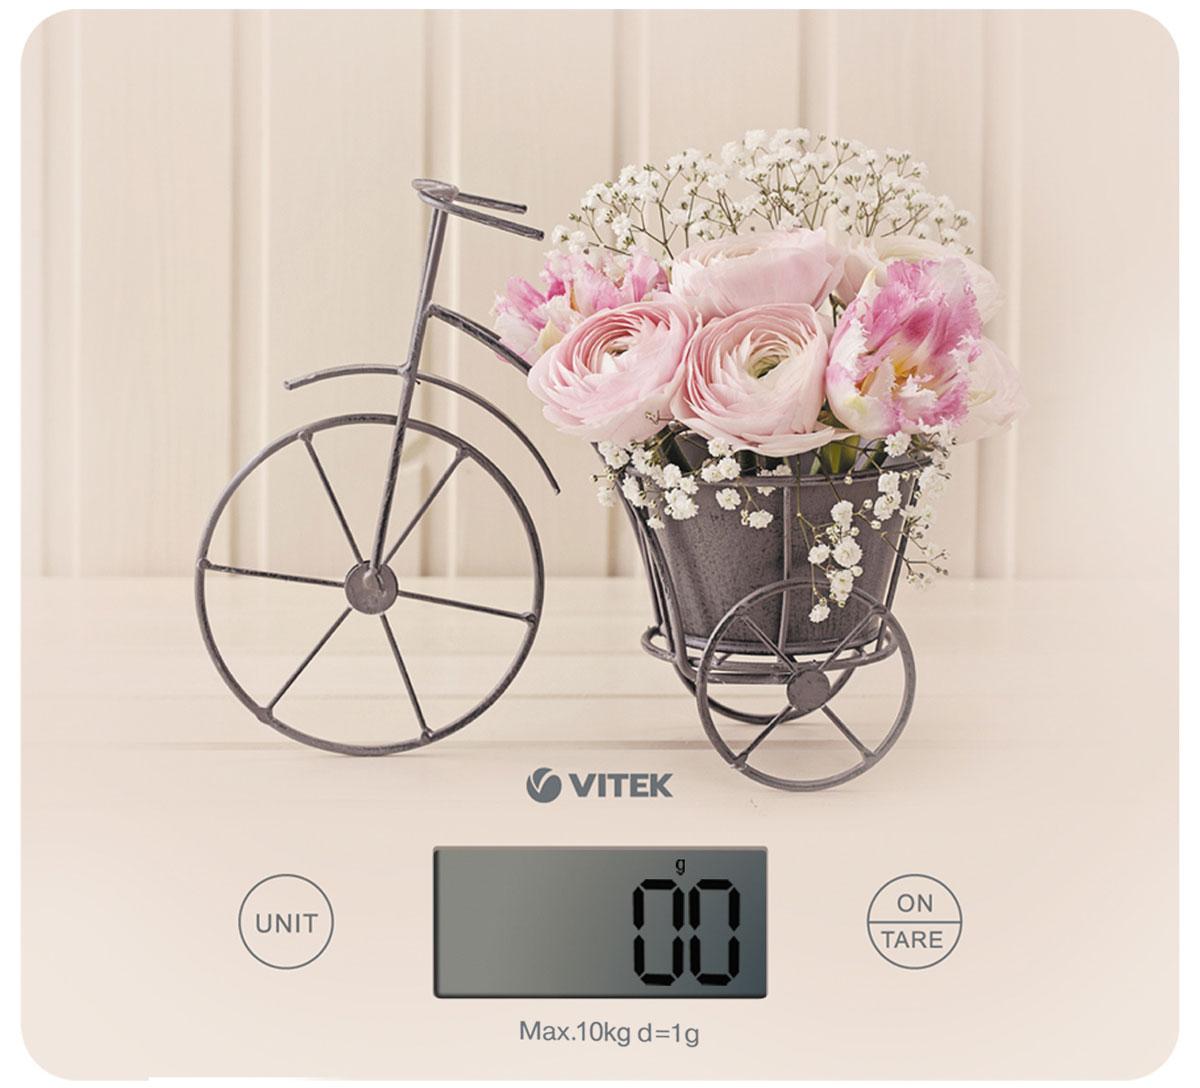 Vitek VT-8016(CA) весы кухонныеVT-8016(CA)Кухонные весы Vitek VT-8016(CA) – природное дыхание французской глубинки. Стильная кованая подставка с нежными цветами изображена на светлой платформе из закаленного стекла, такое сочетание отображает один из самых популярных стилей – Прованс. Преимущества весов: полезная и удобная функция тарирования (определение веса тары), функция последовательного взвешивание. Максимальный вес взвешиваемых продуктов - 10 кг. Модель оснащена большим LCD дисплеем (58,0 x 26,0 мм), автоматической установкой 0 при использовании функции TARE, автоматическим отключением и обнулением, а также индикацией превышения допустимой нагрузки и индикатором зарядки батареи.